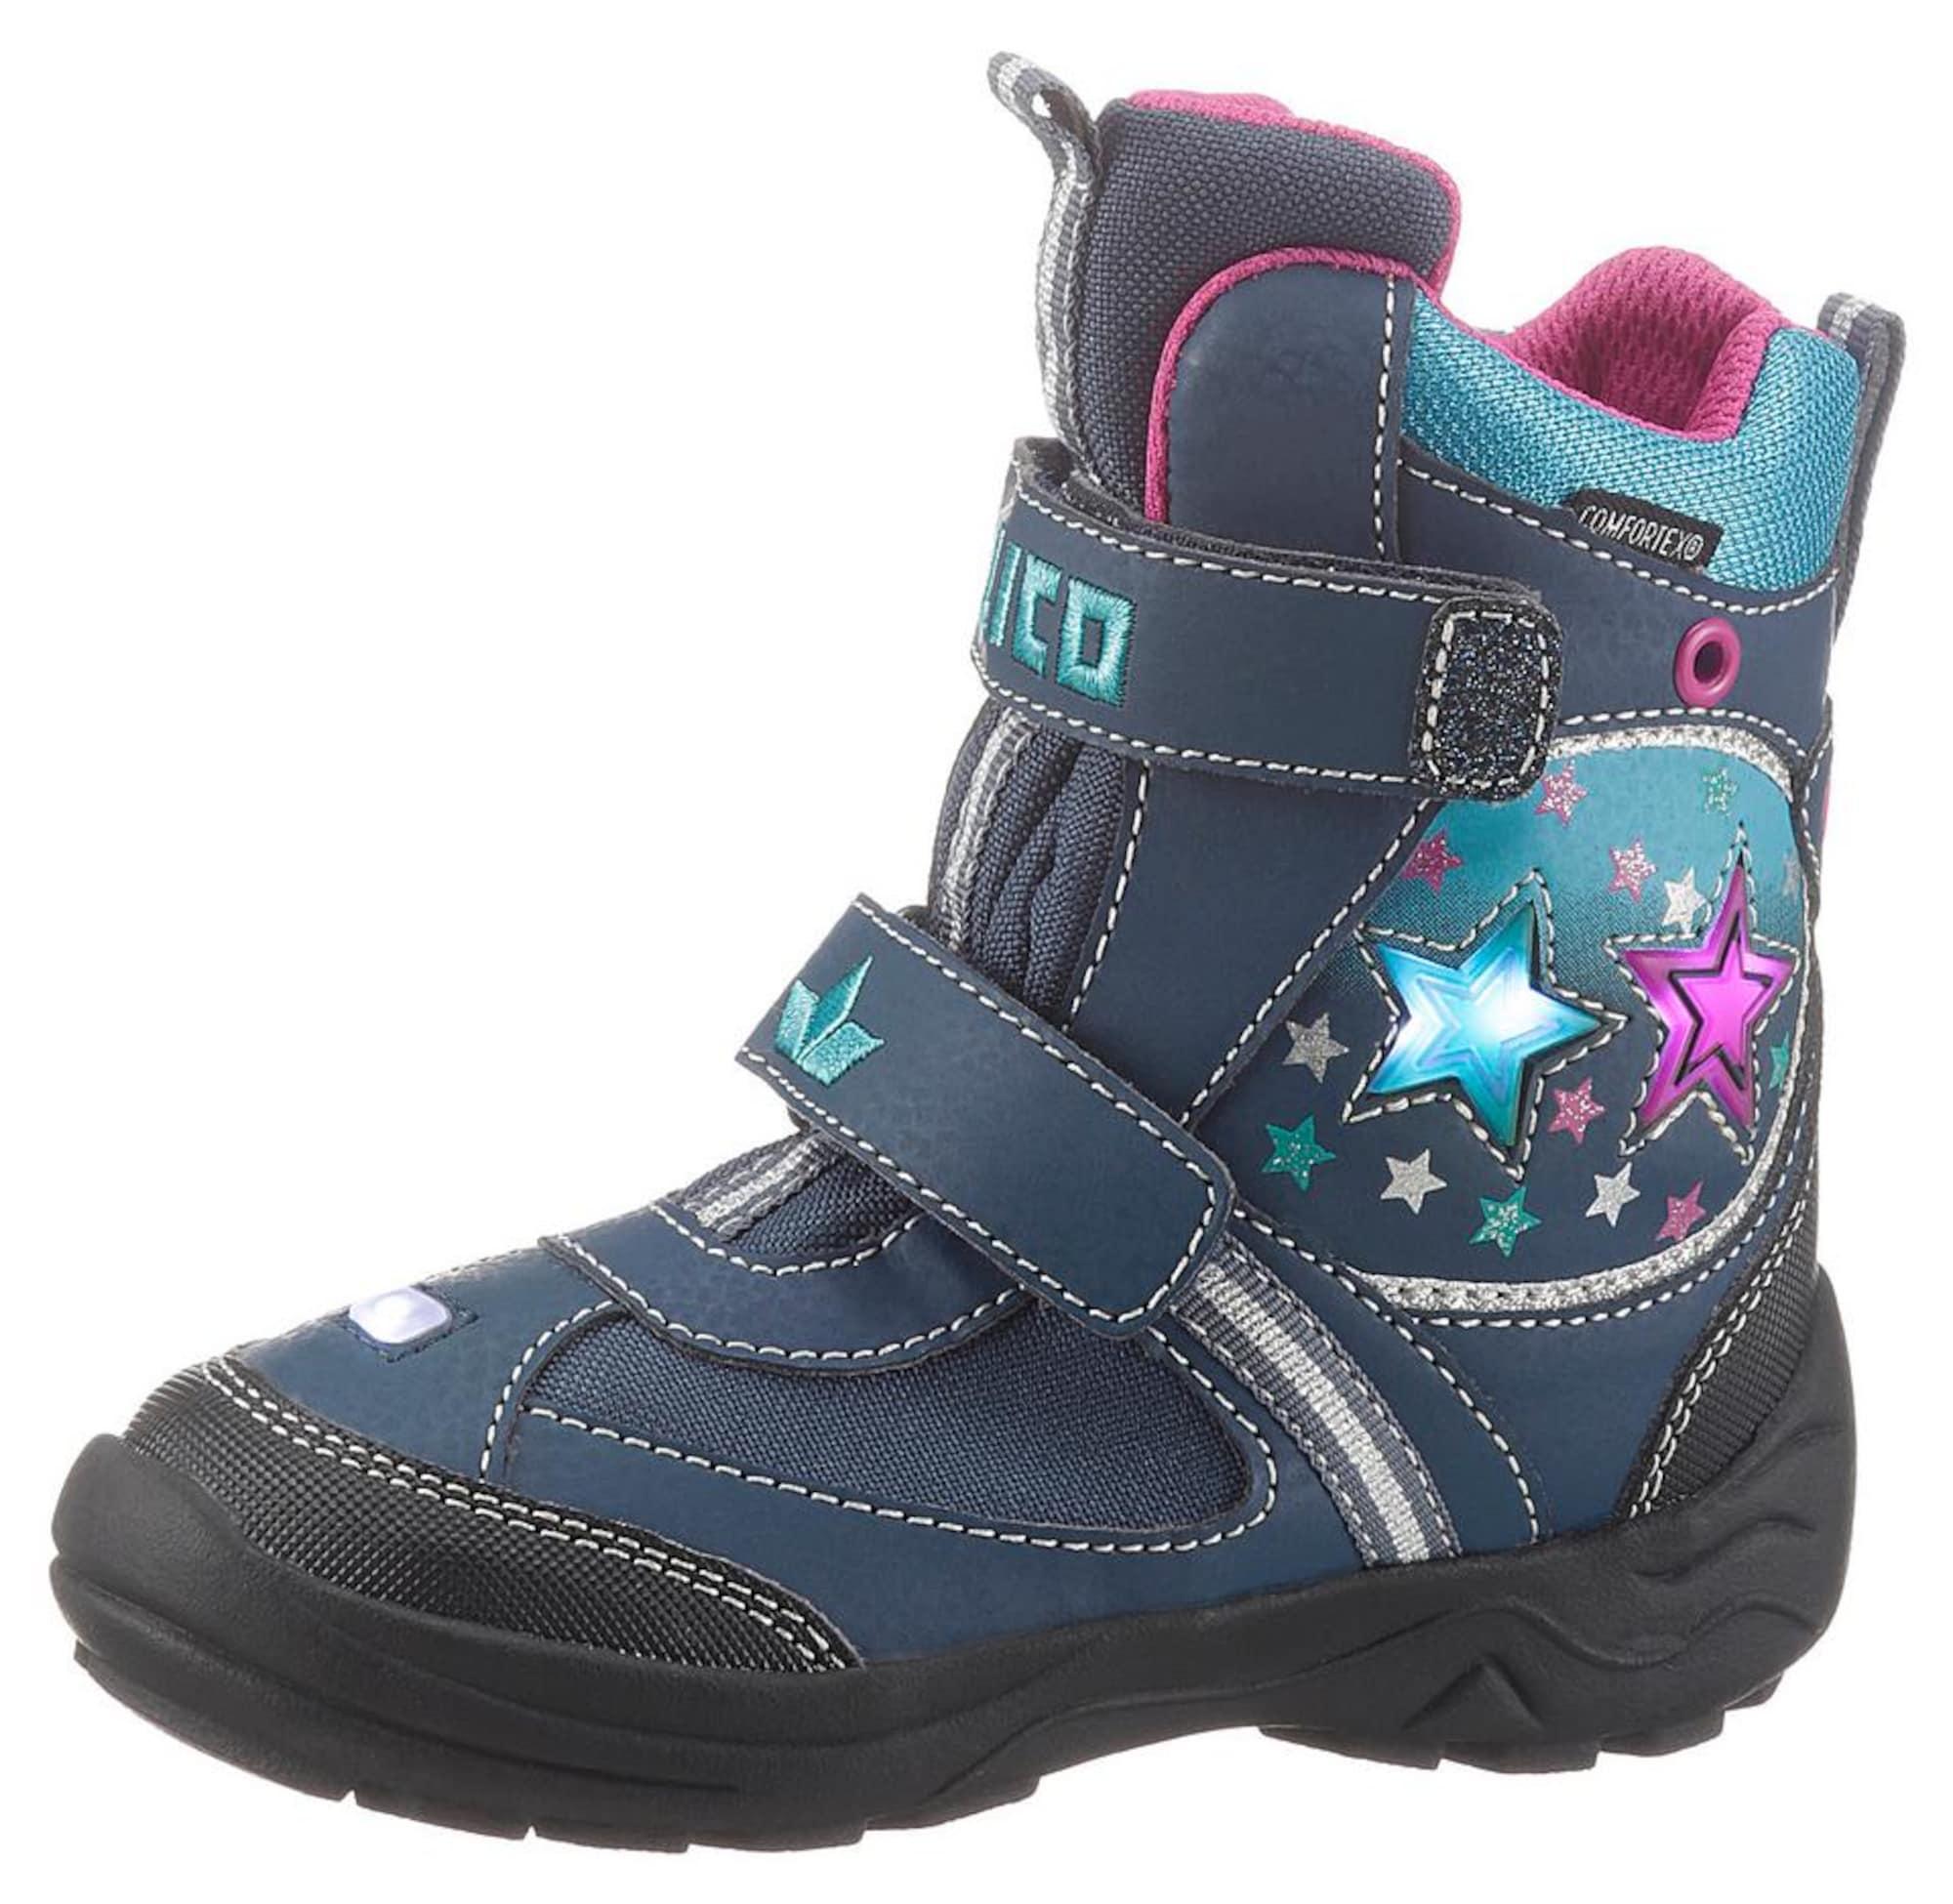 LICO Auliniai batai su kulniuku 'Stern' tamsiai mėlyna